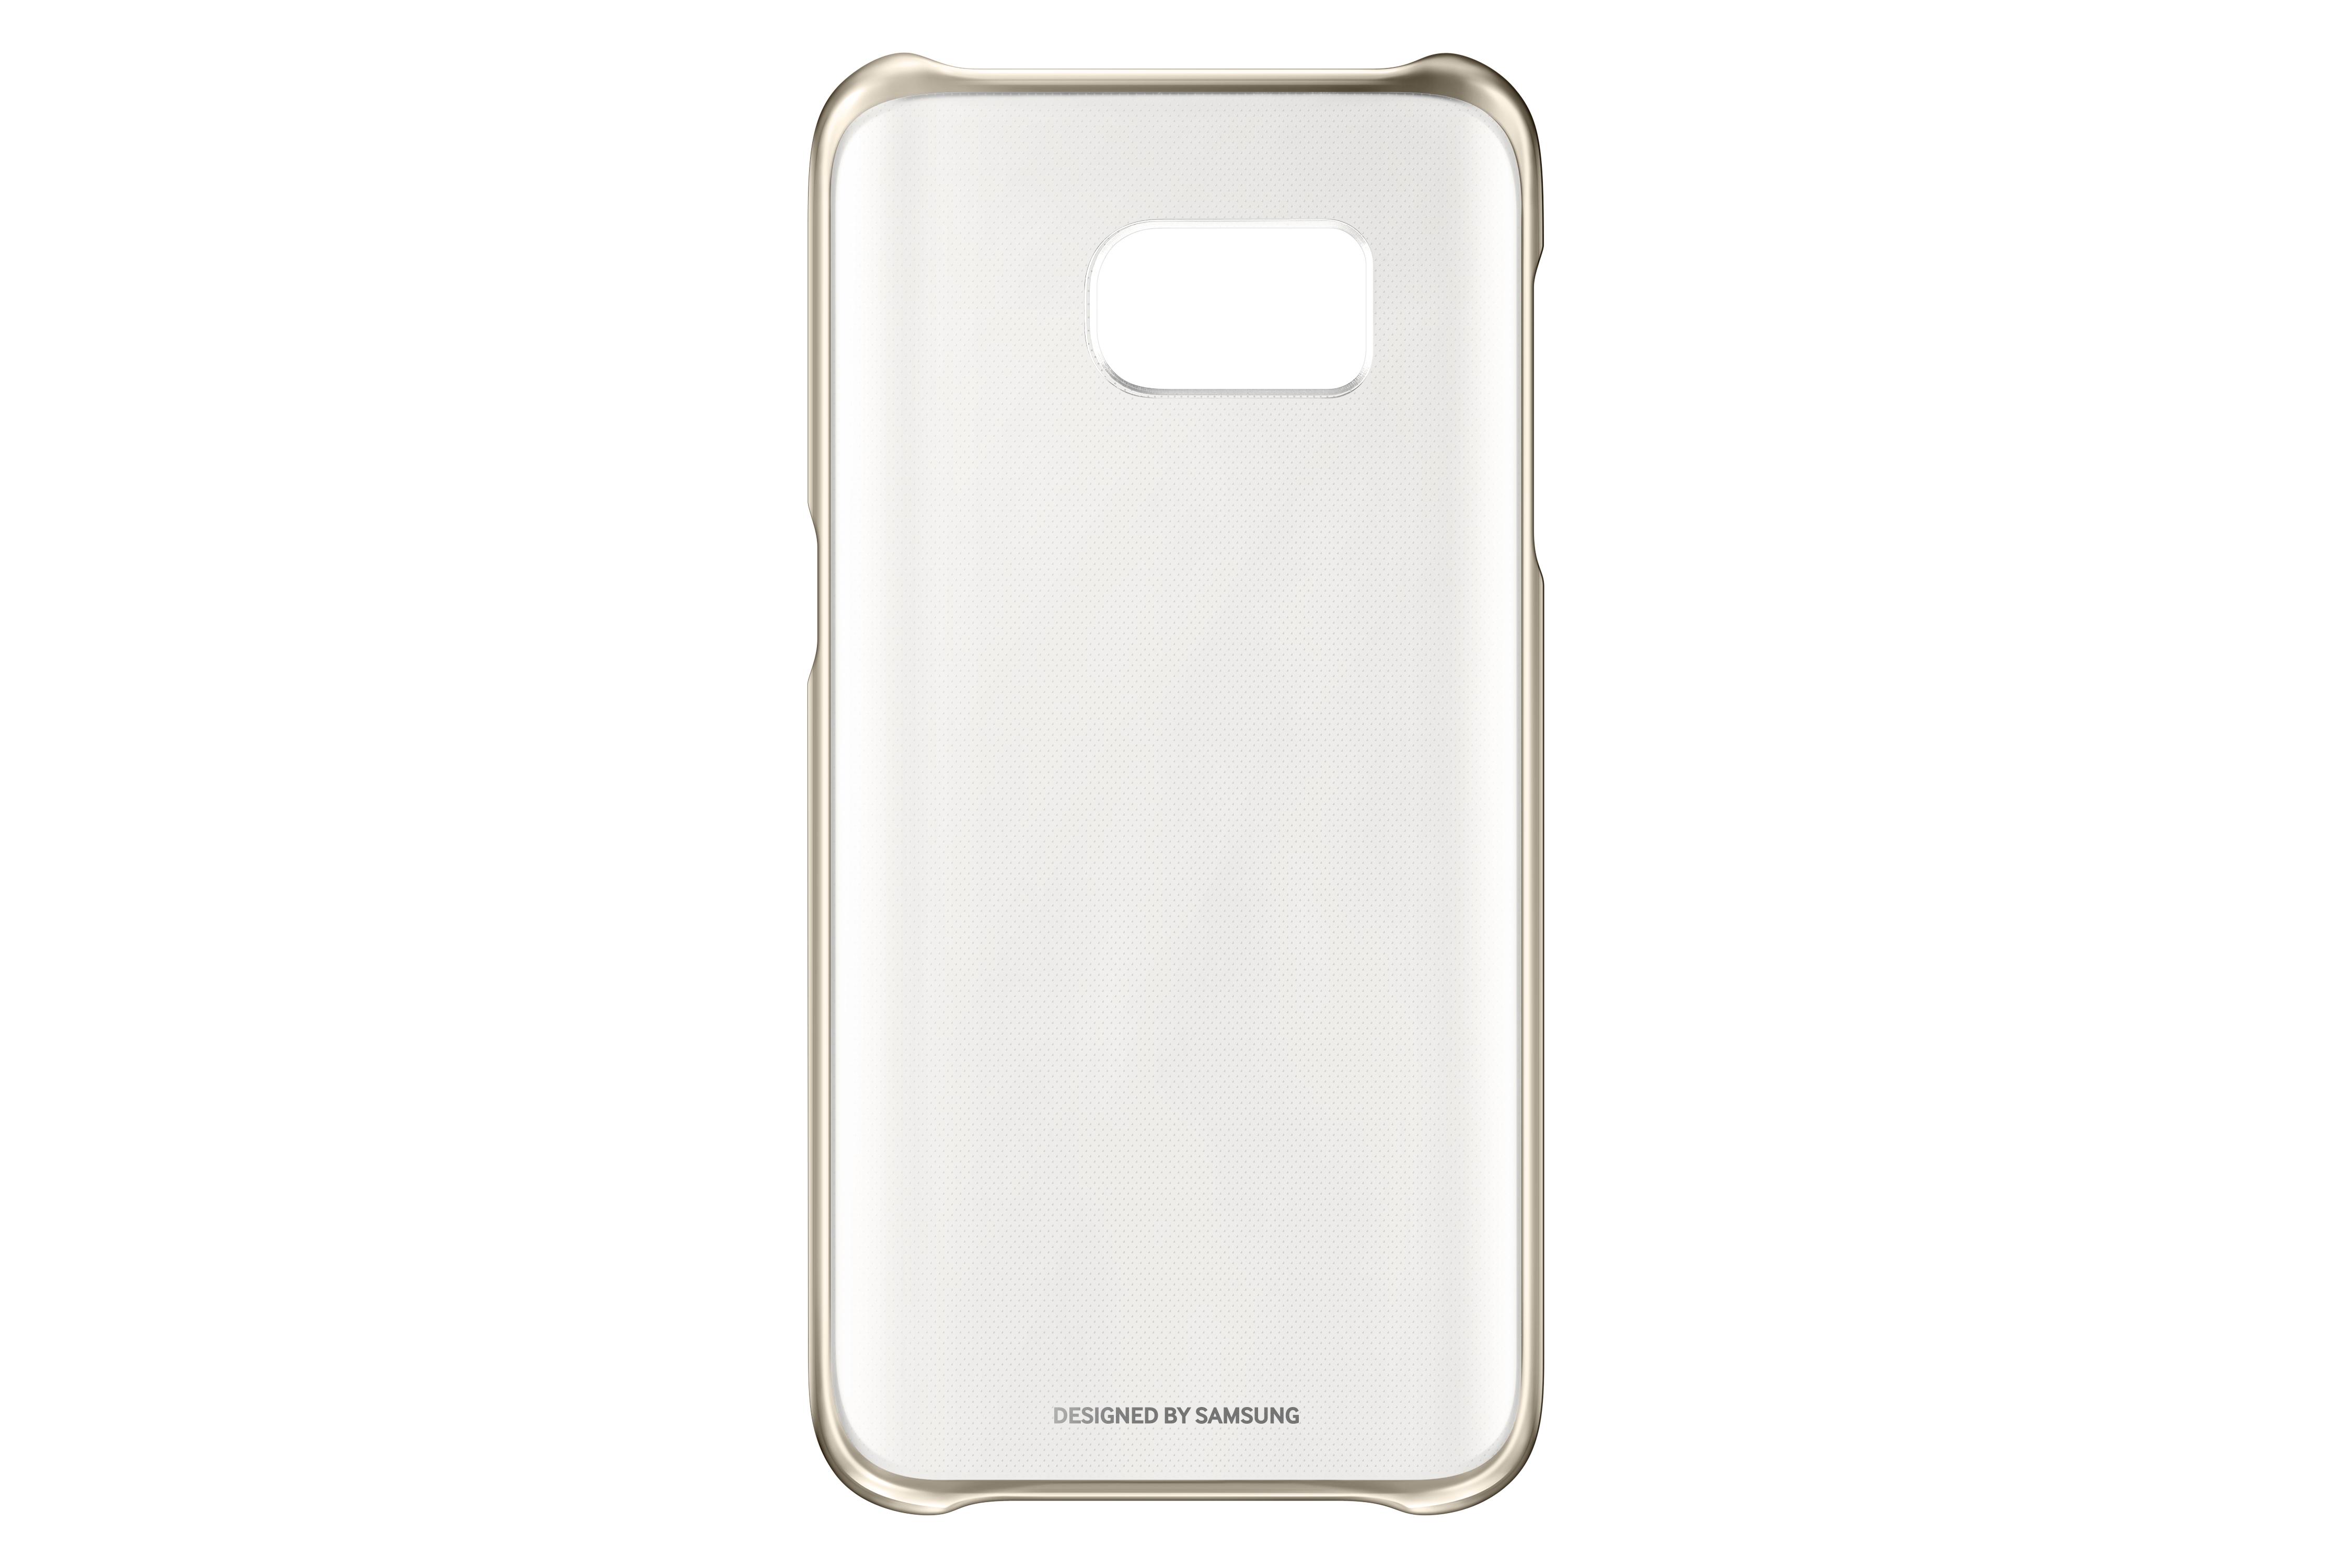 Coque transparente Samsung Galaxy S7 Or